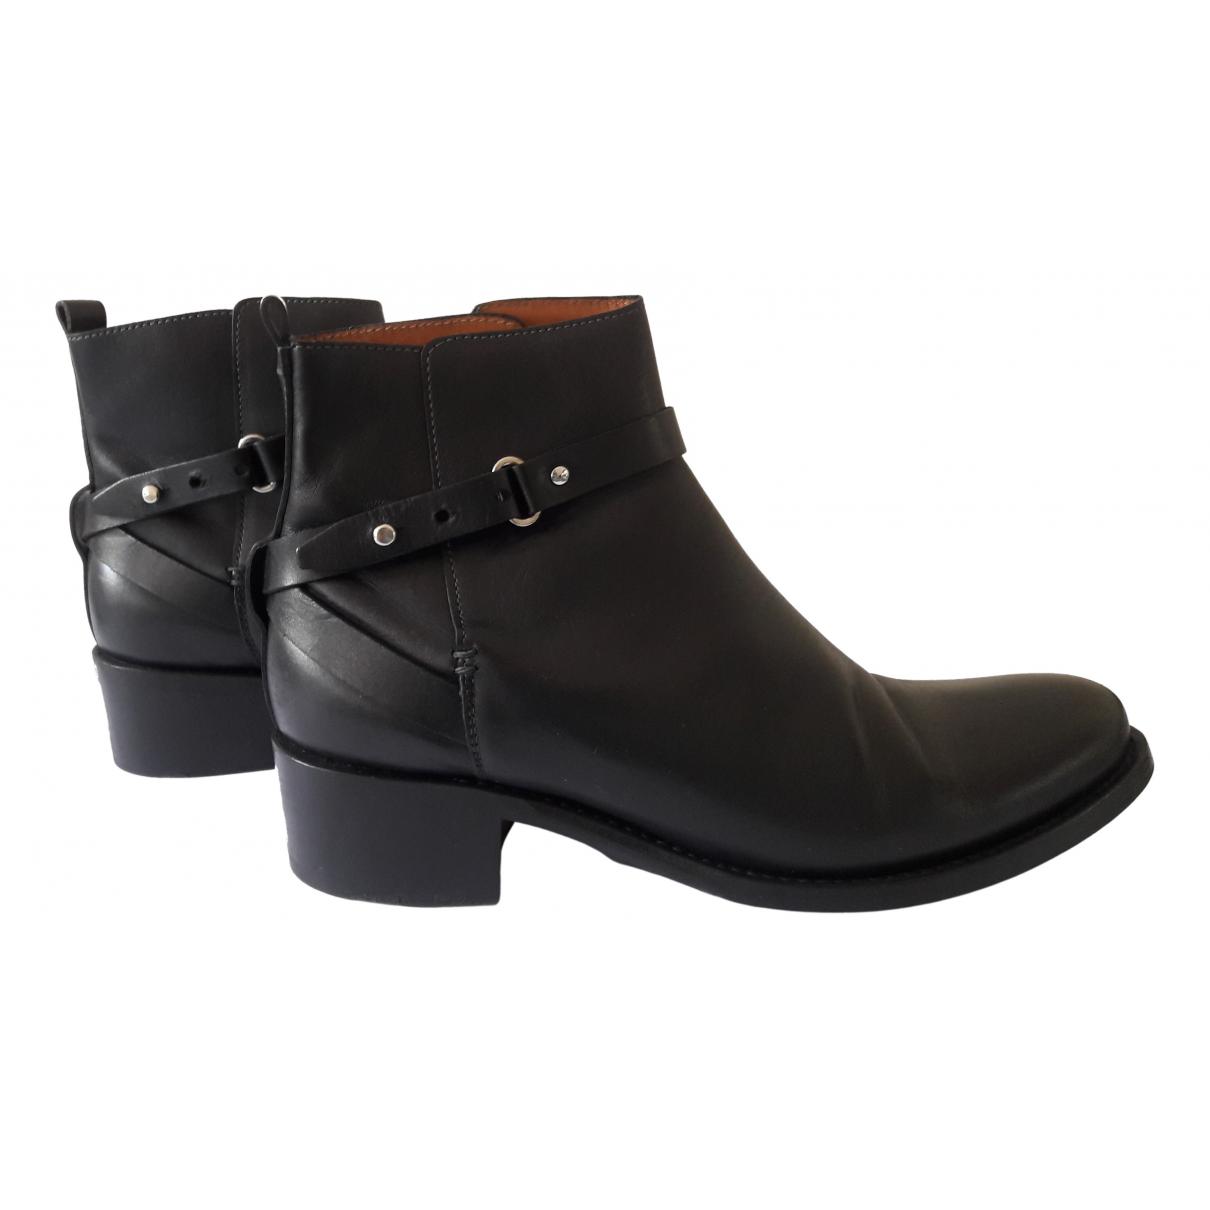 Heschung \N Stiefeletten in  Schwarz Leder